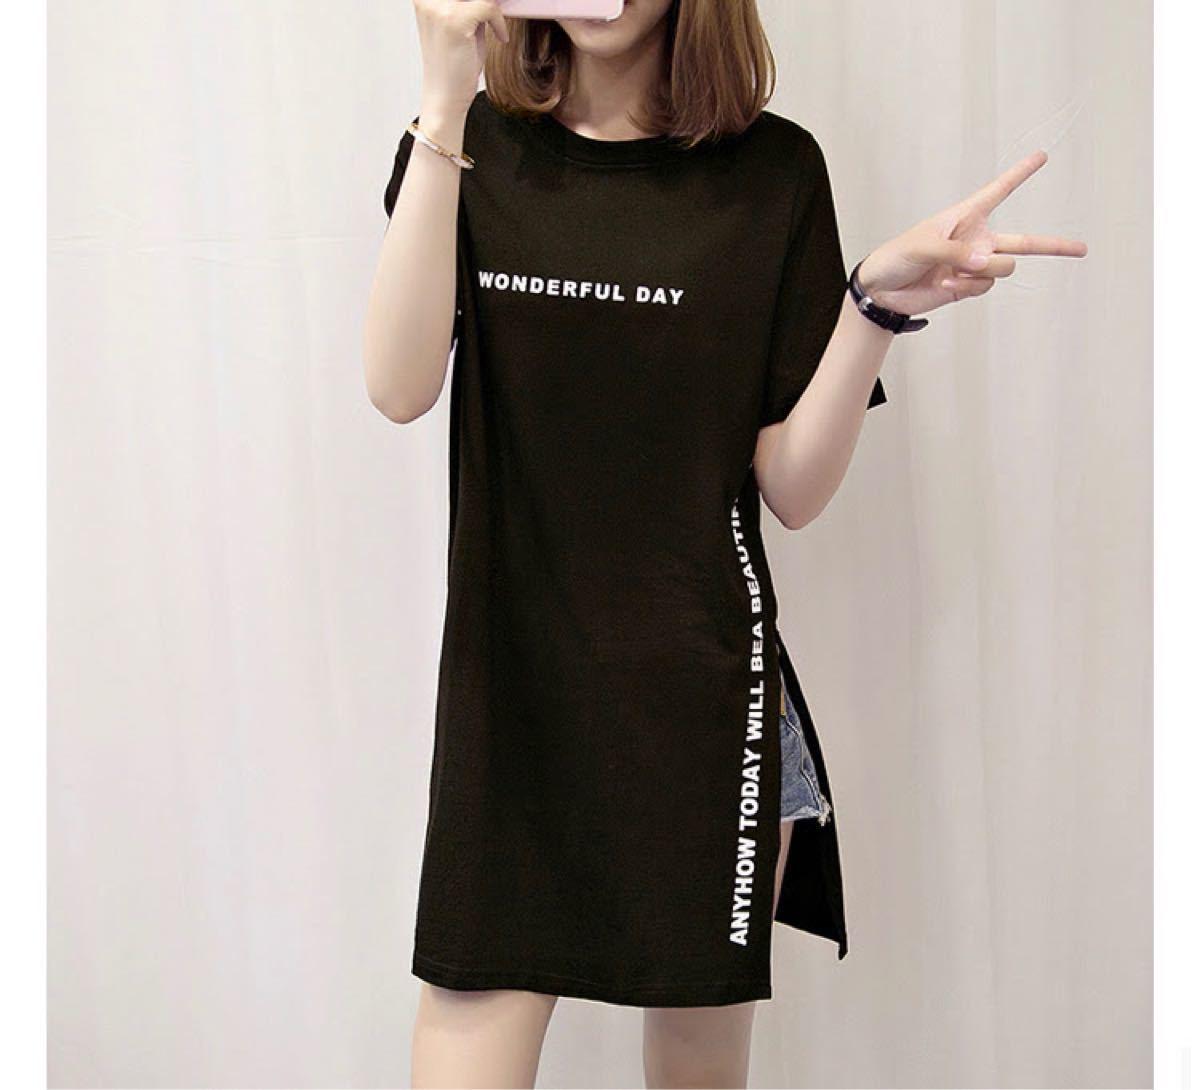 レディース トップス Tシャツ カットソー Lサイズ